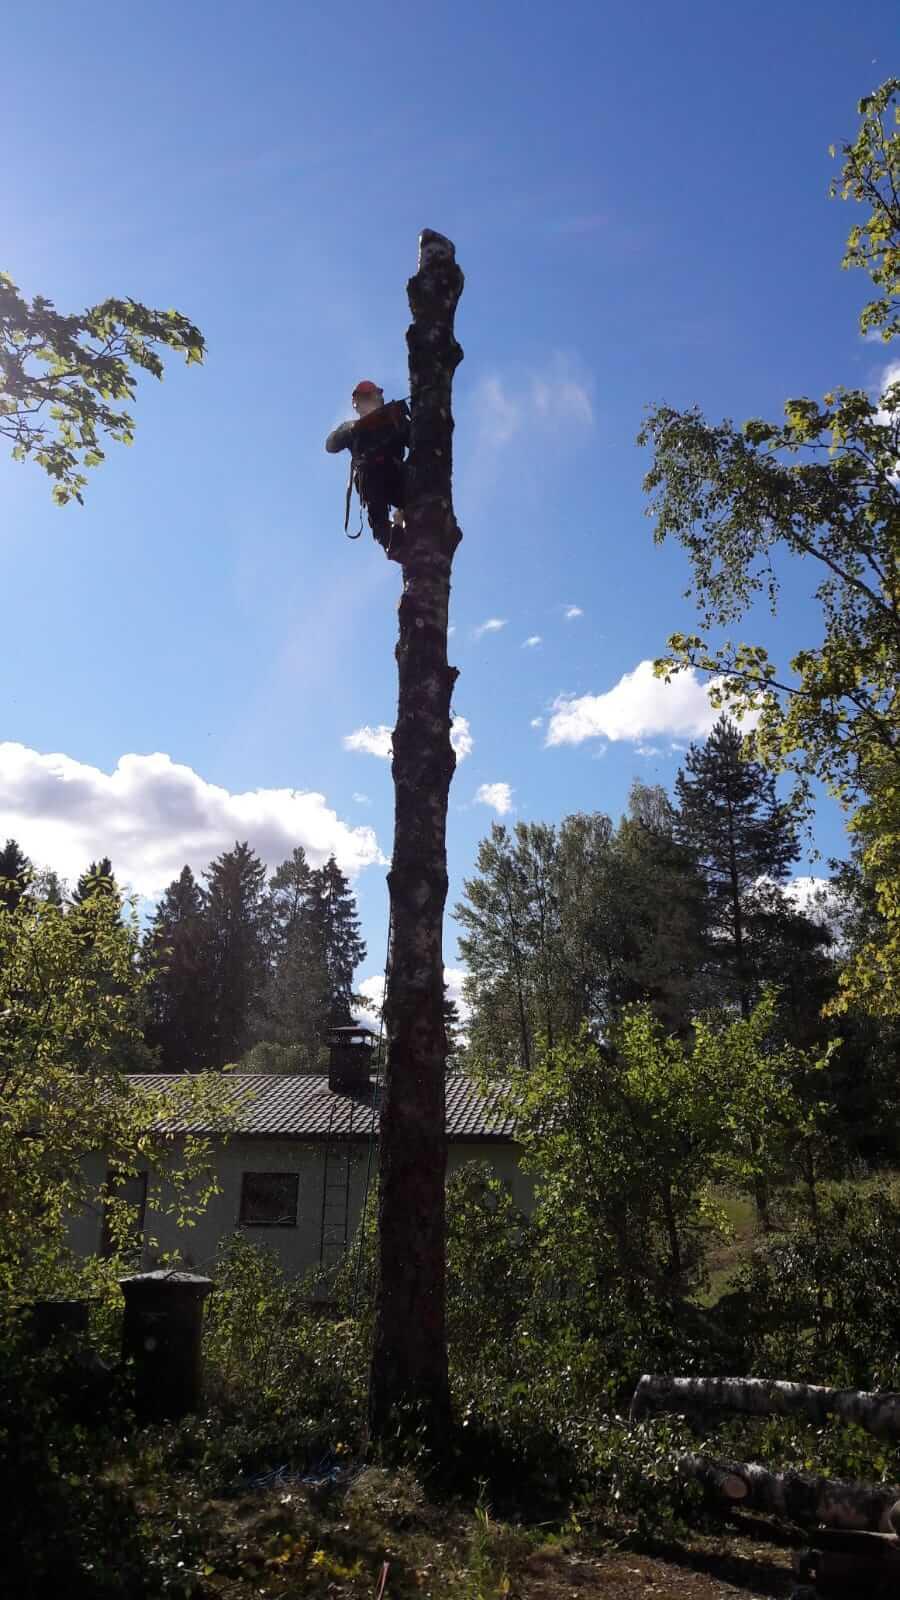 Puun kaatoa kiipeämällä